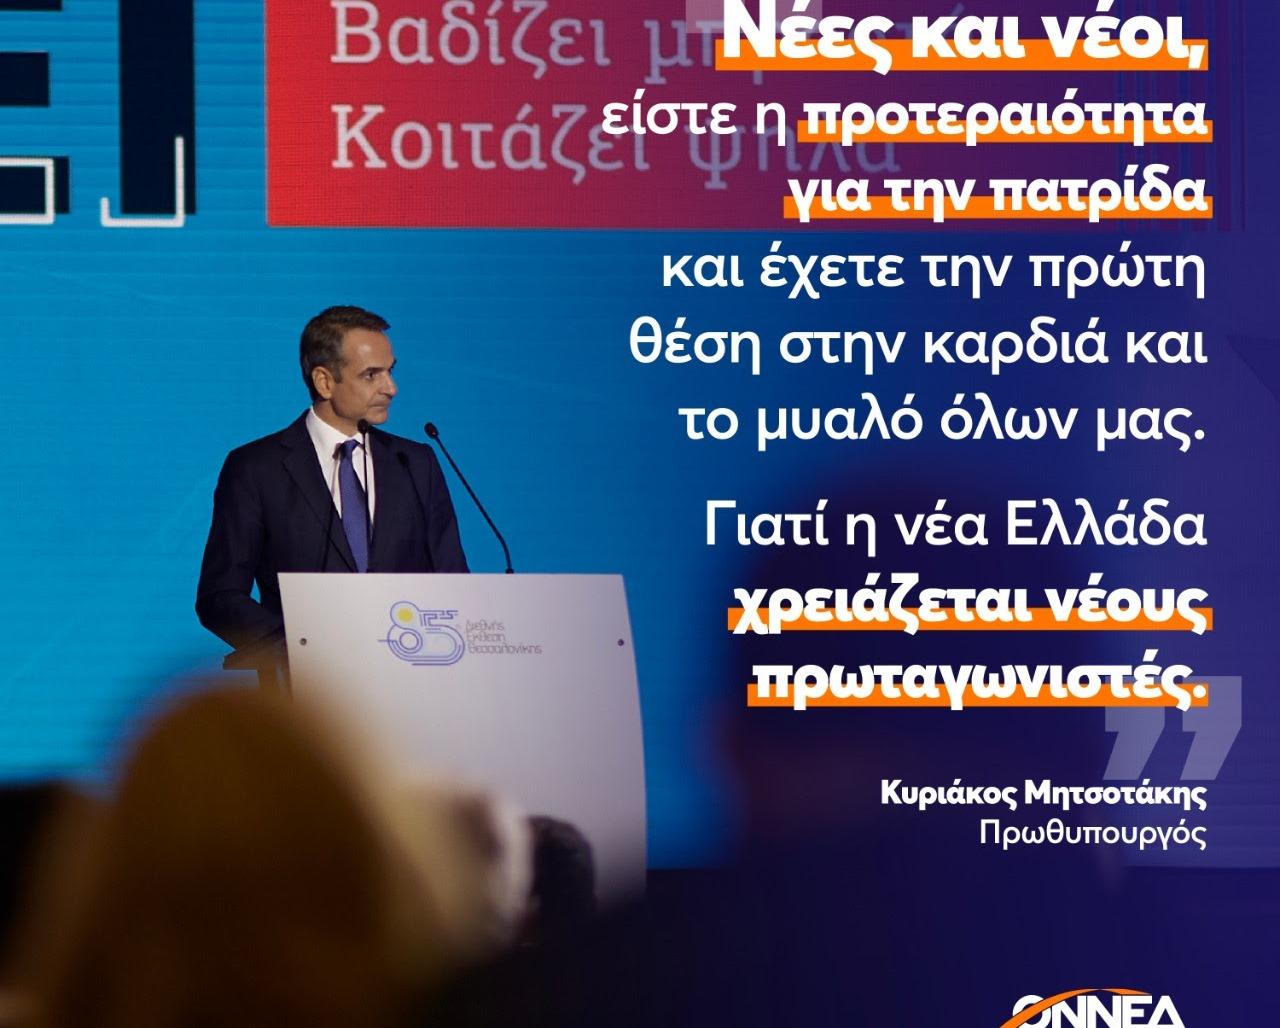 ΟΝΝΕΔ: Η Ελλάδα αλλάζει – Οι νέοι στο επίκεντρο